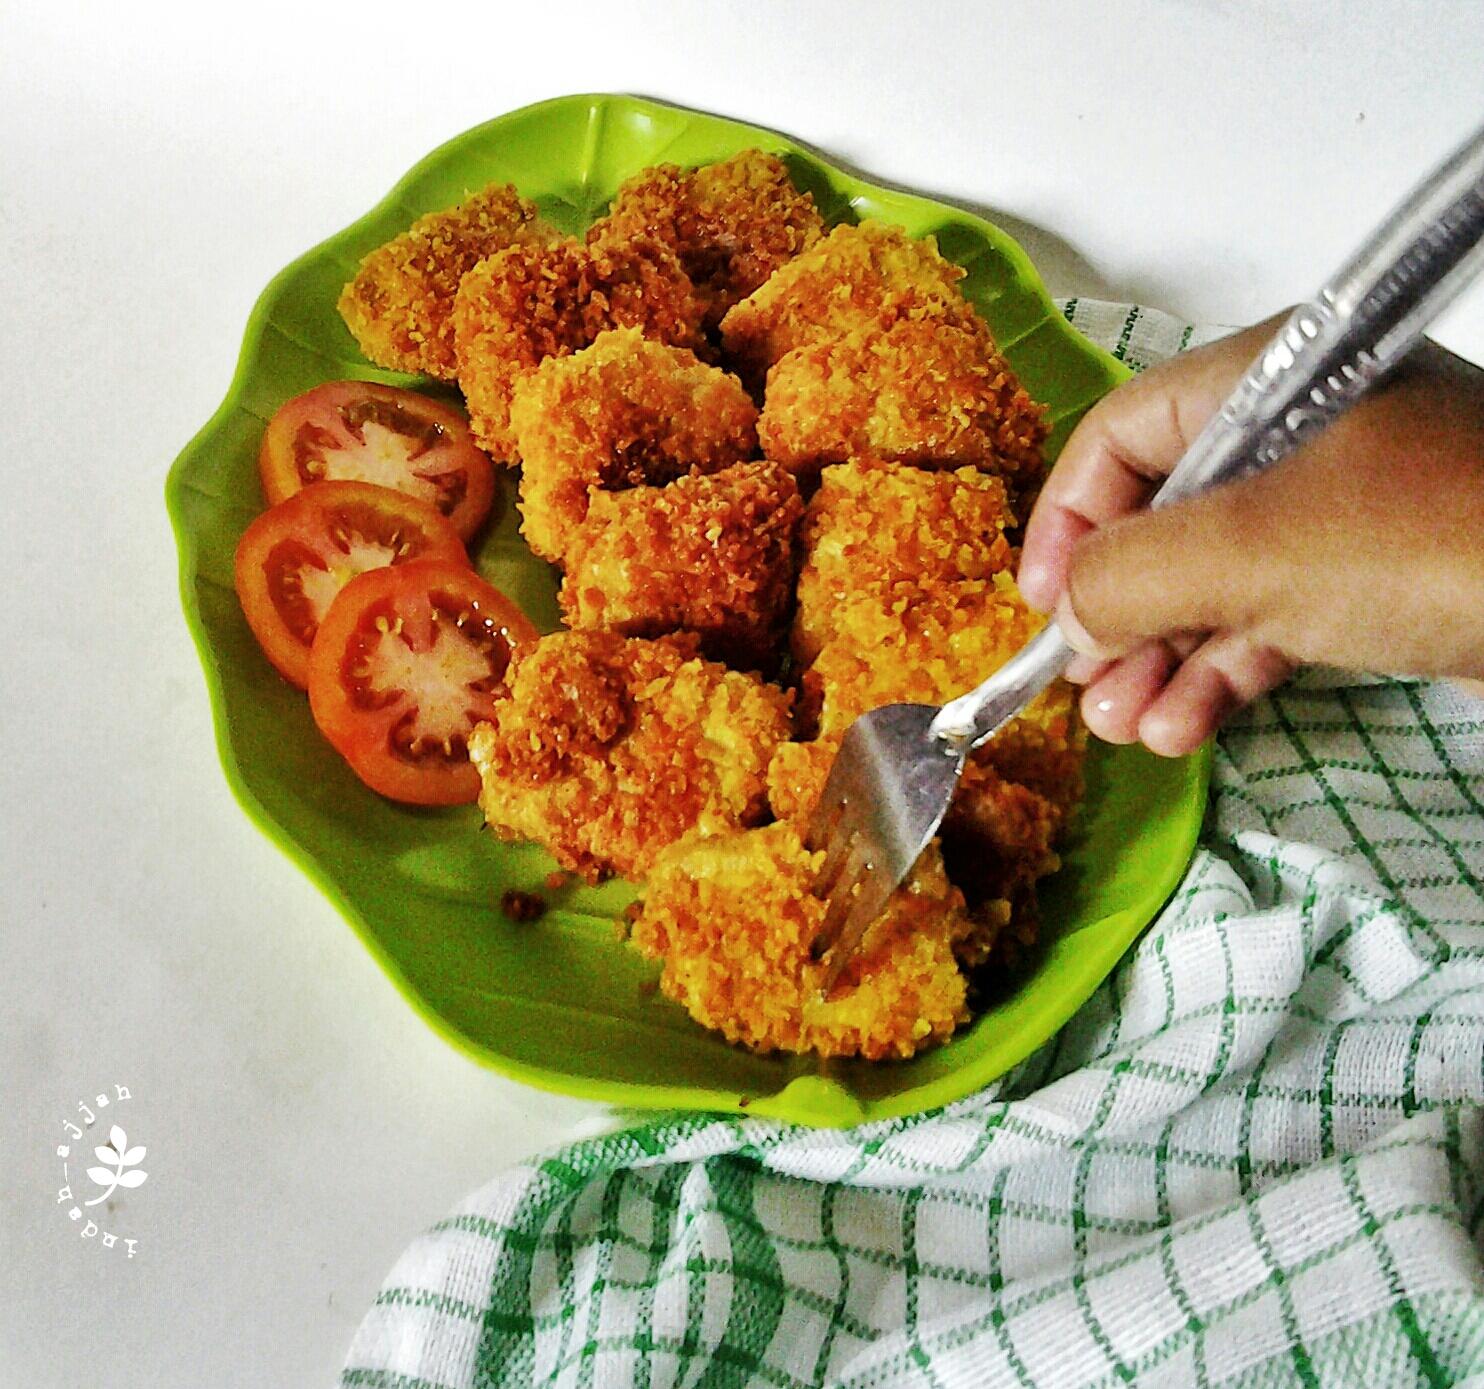 Resep Nugget Ayam Tahu Sayur